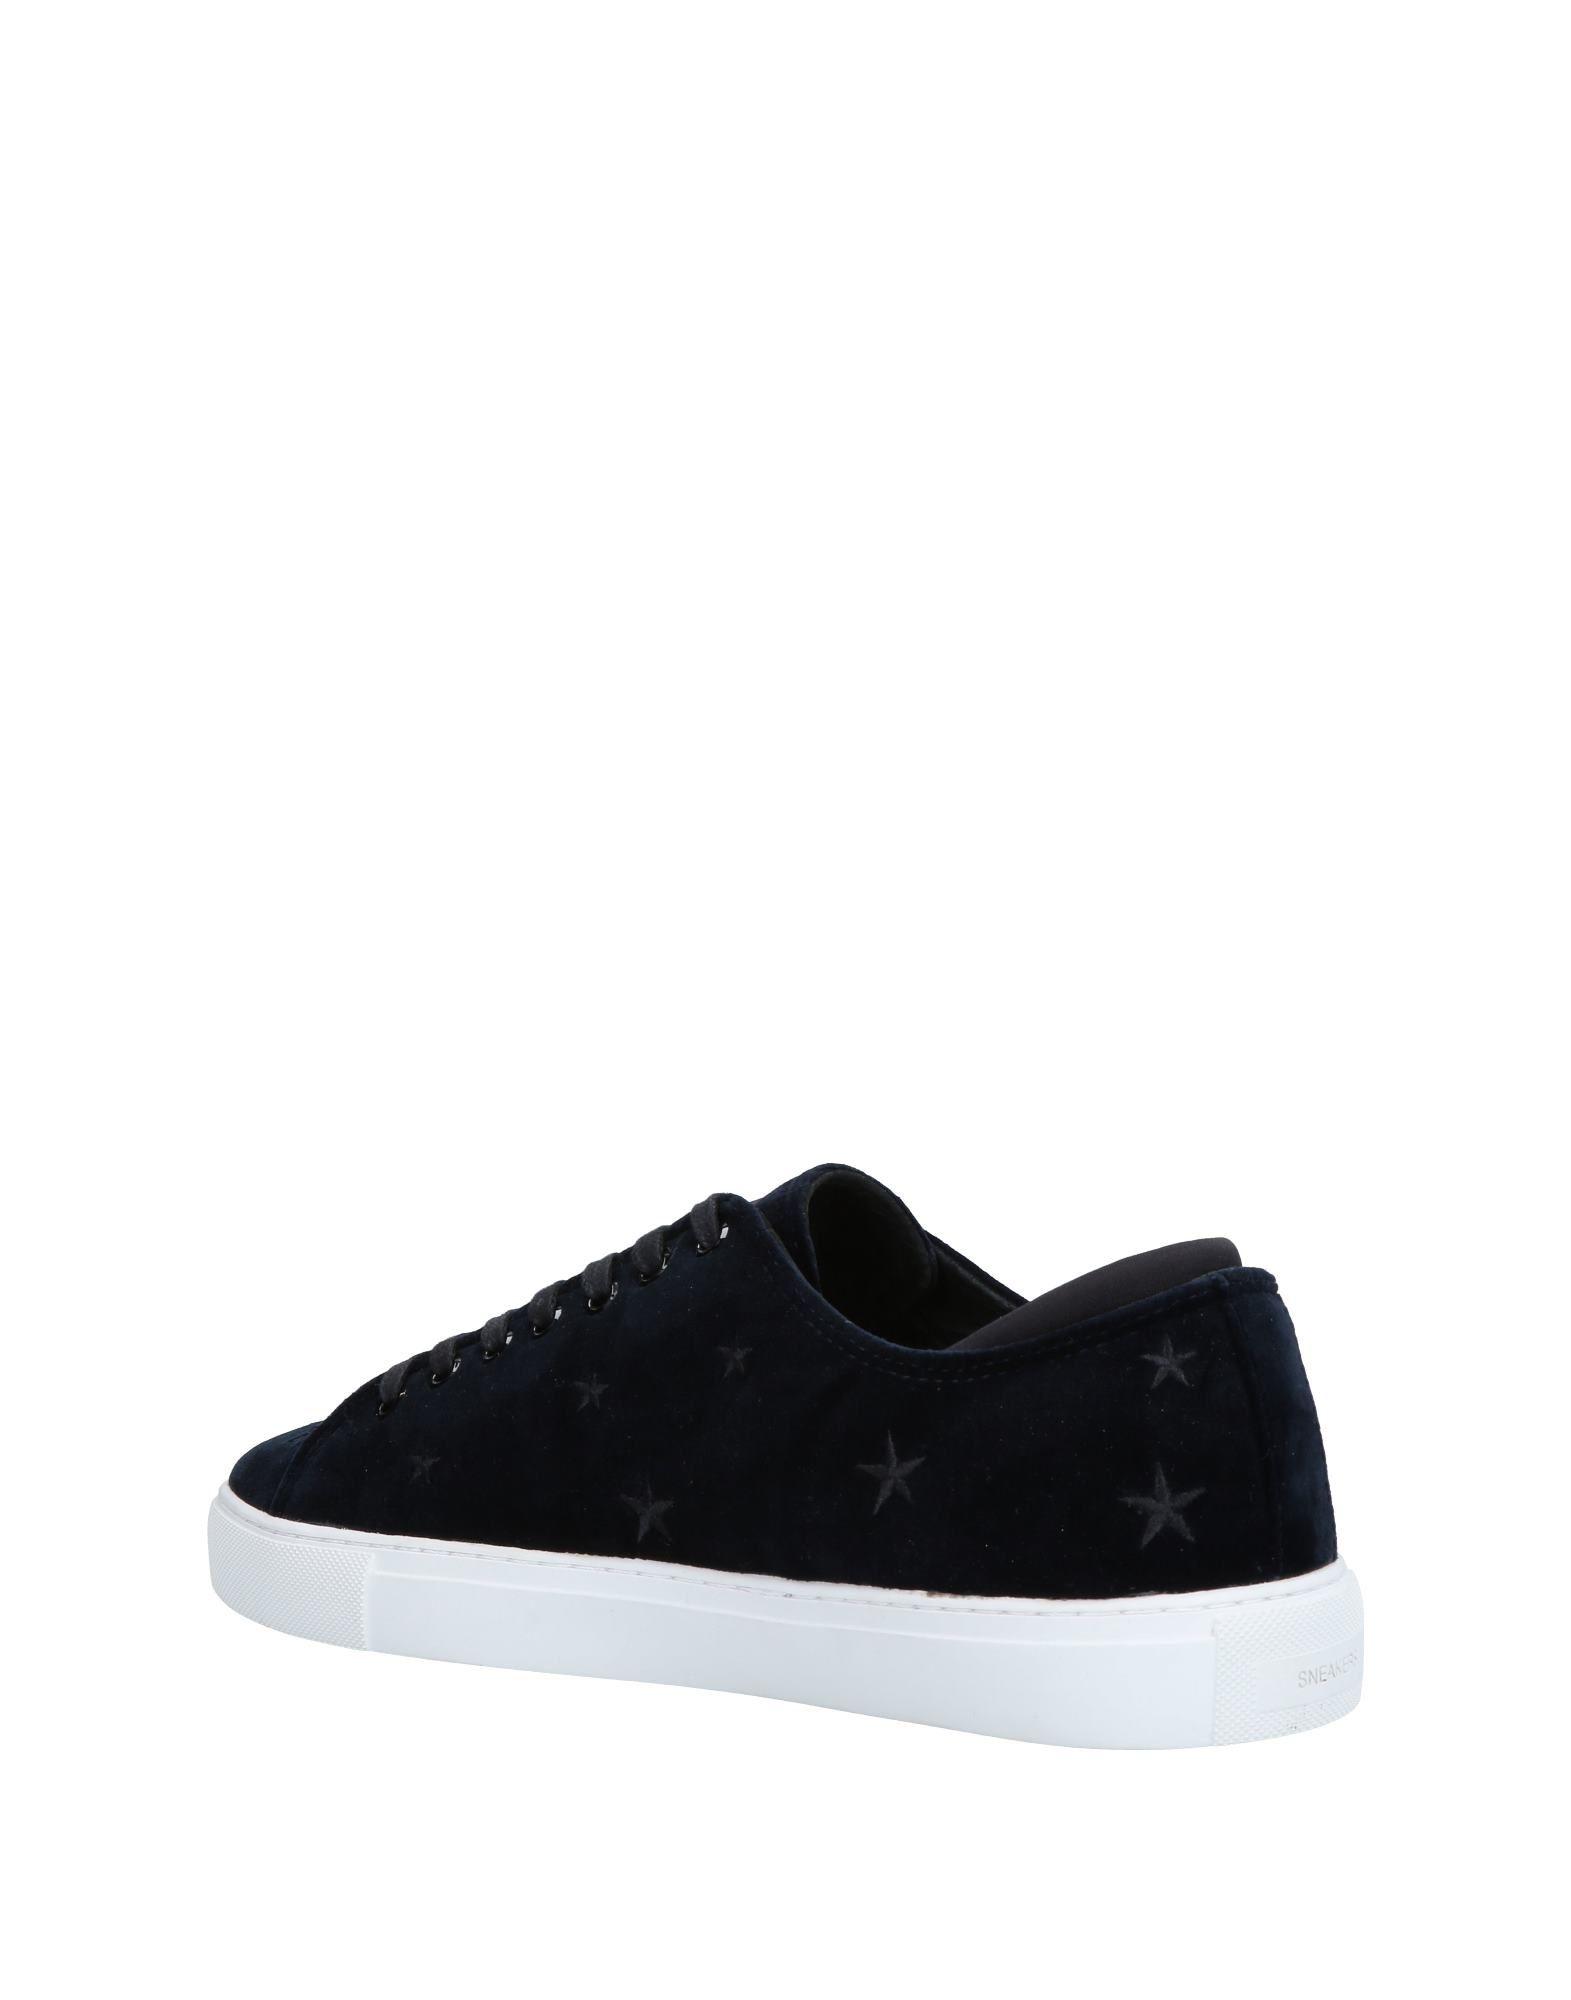 A buon mercato Sneakers D.A.T.E. Uomo - 11510378GI